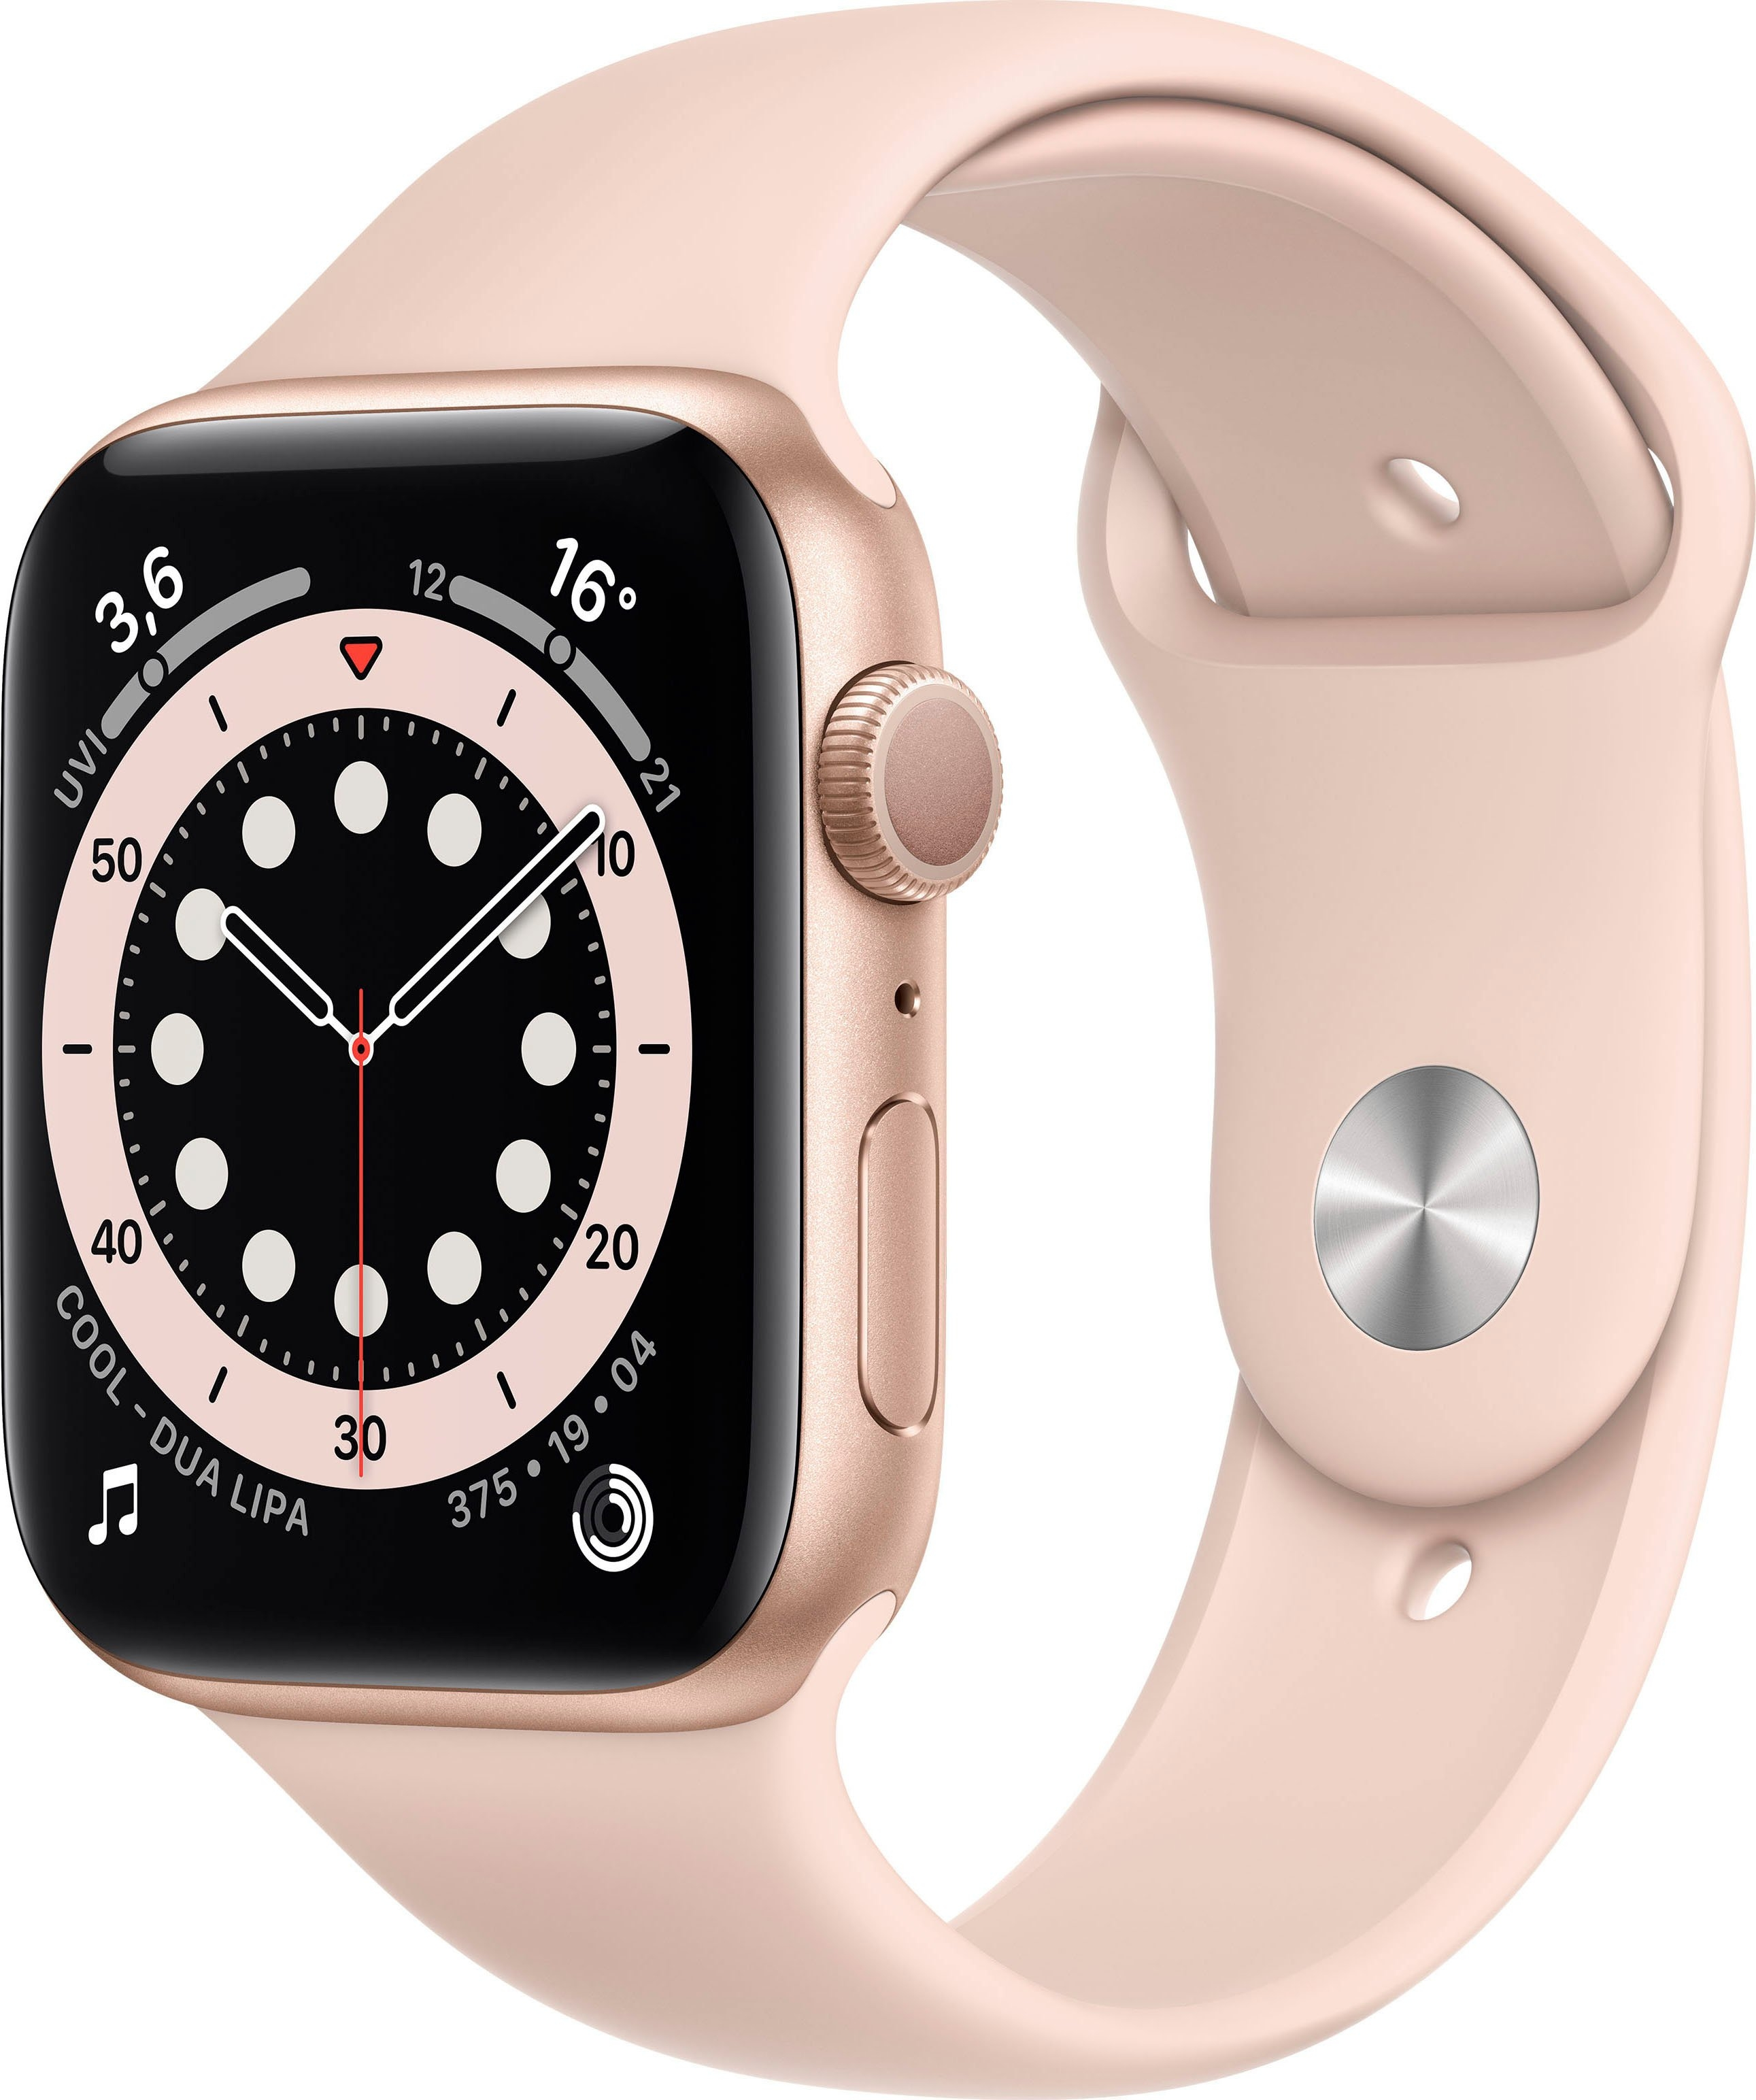 Apple watch Series 6 gps, aluminium kast met sportbandje 44 mm inclusief oplaadstation (magnetische oplaadkabel) veilig op otto.nl kopen